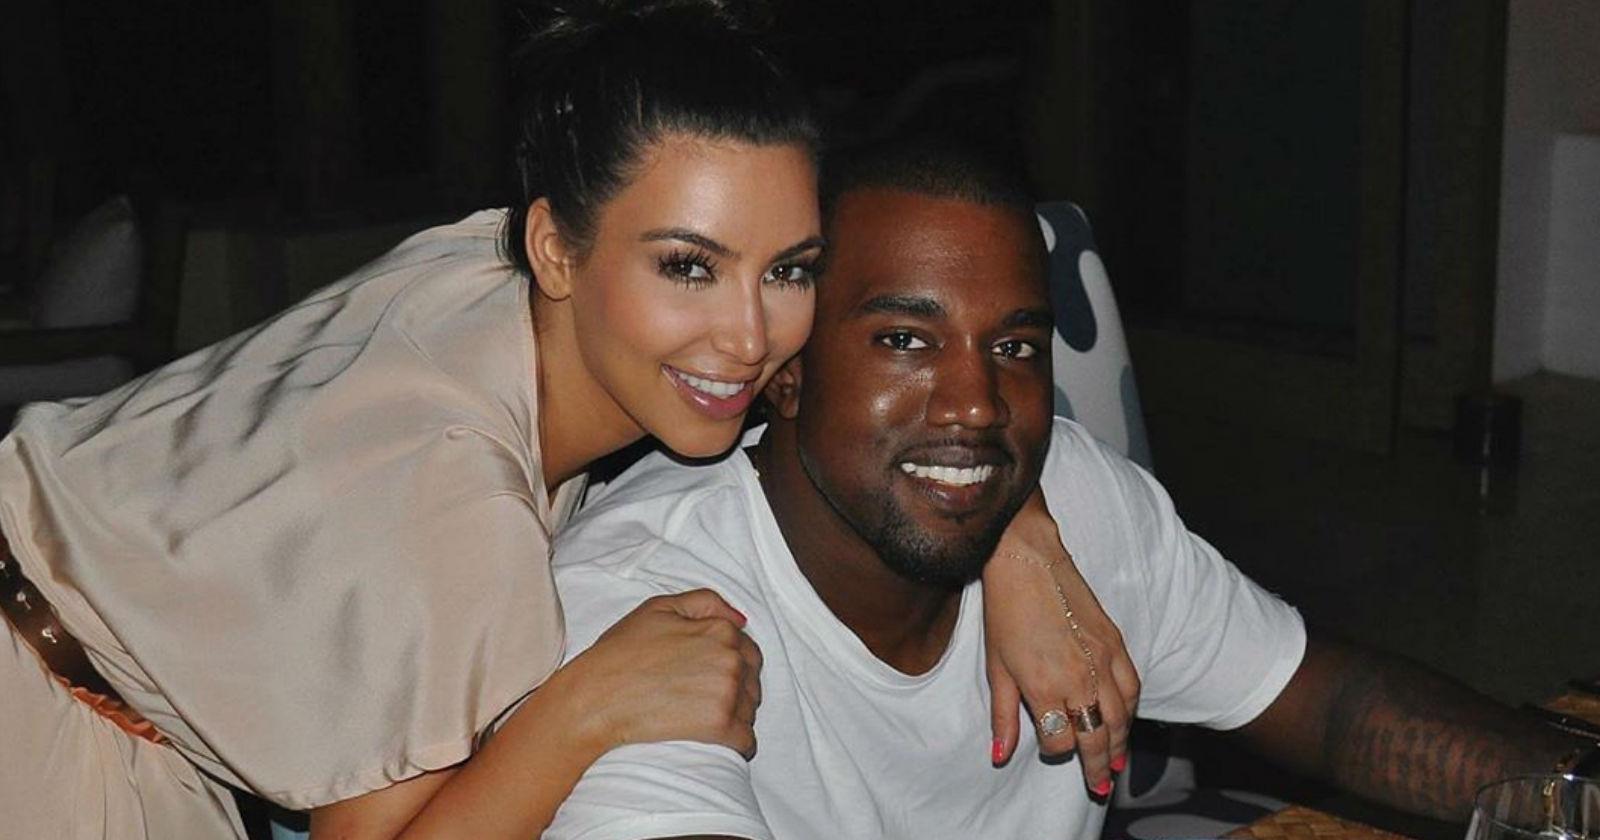 """""""Hoy, siento que debería comentarlo"""": Kim Kardashian rompe el silencio sobre trastorno bipolar de Kanye West"""